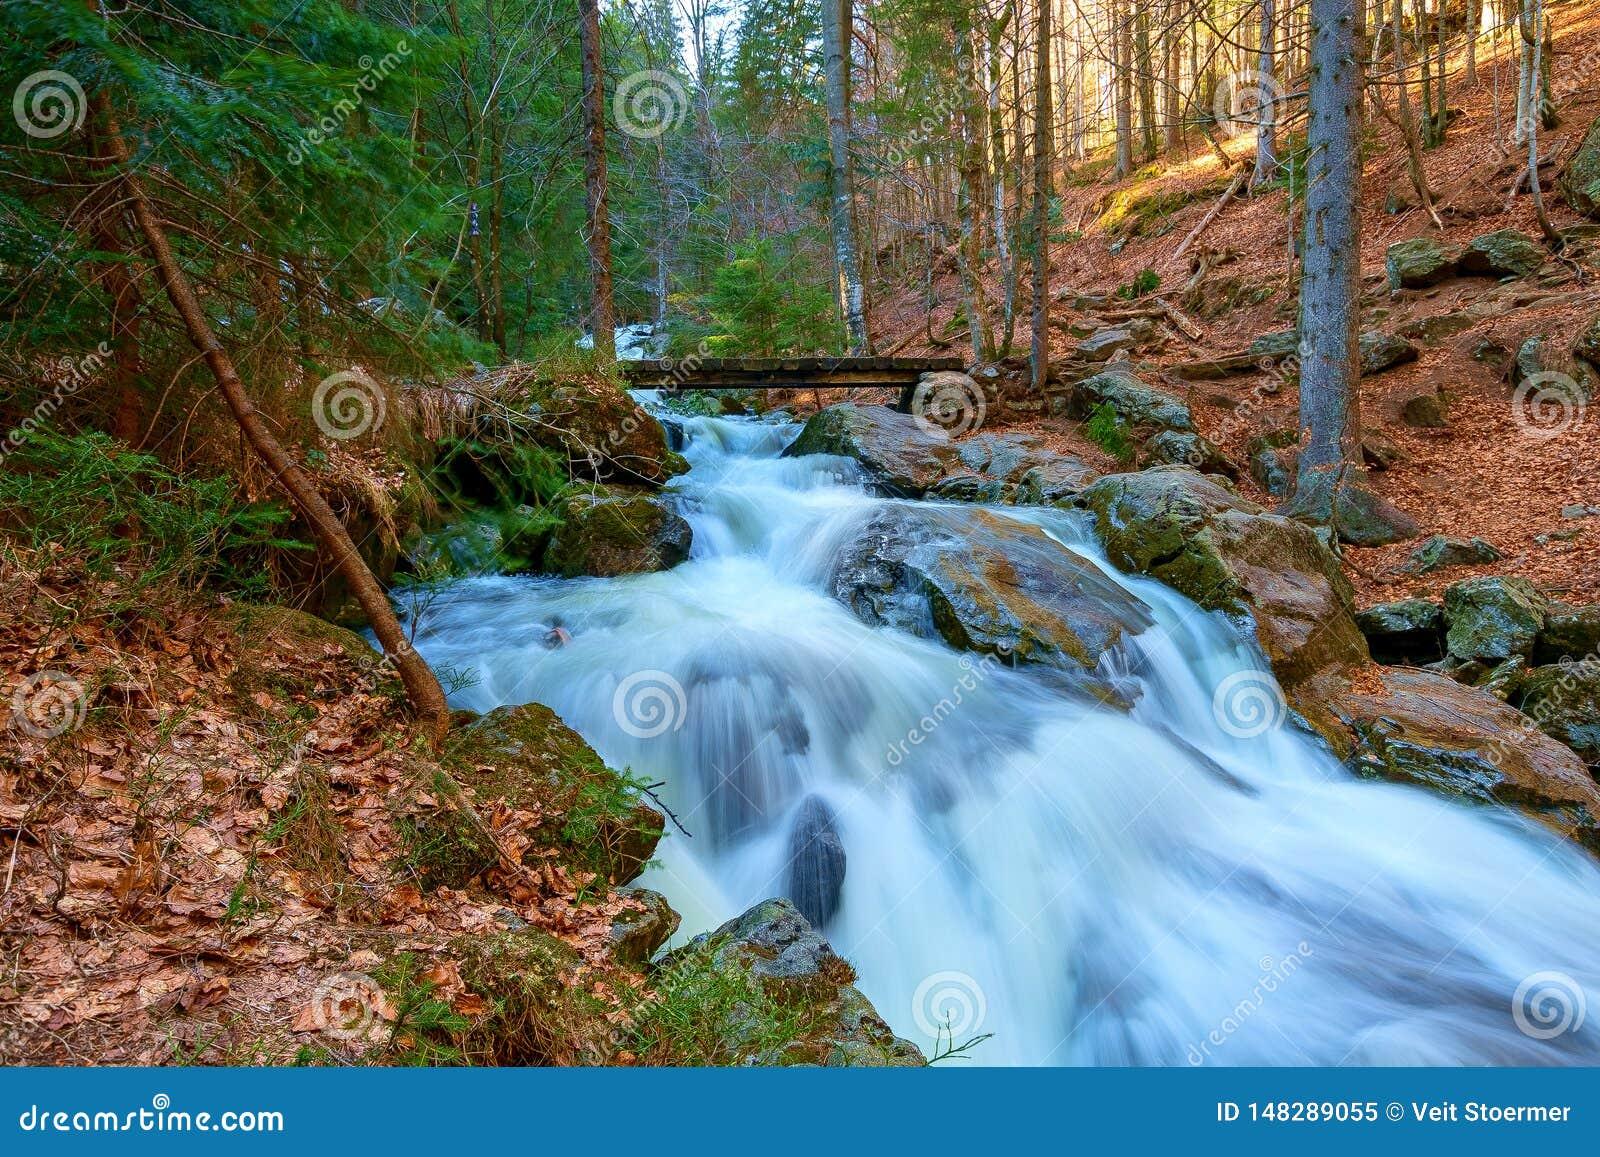 Een waterval in het bos